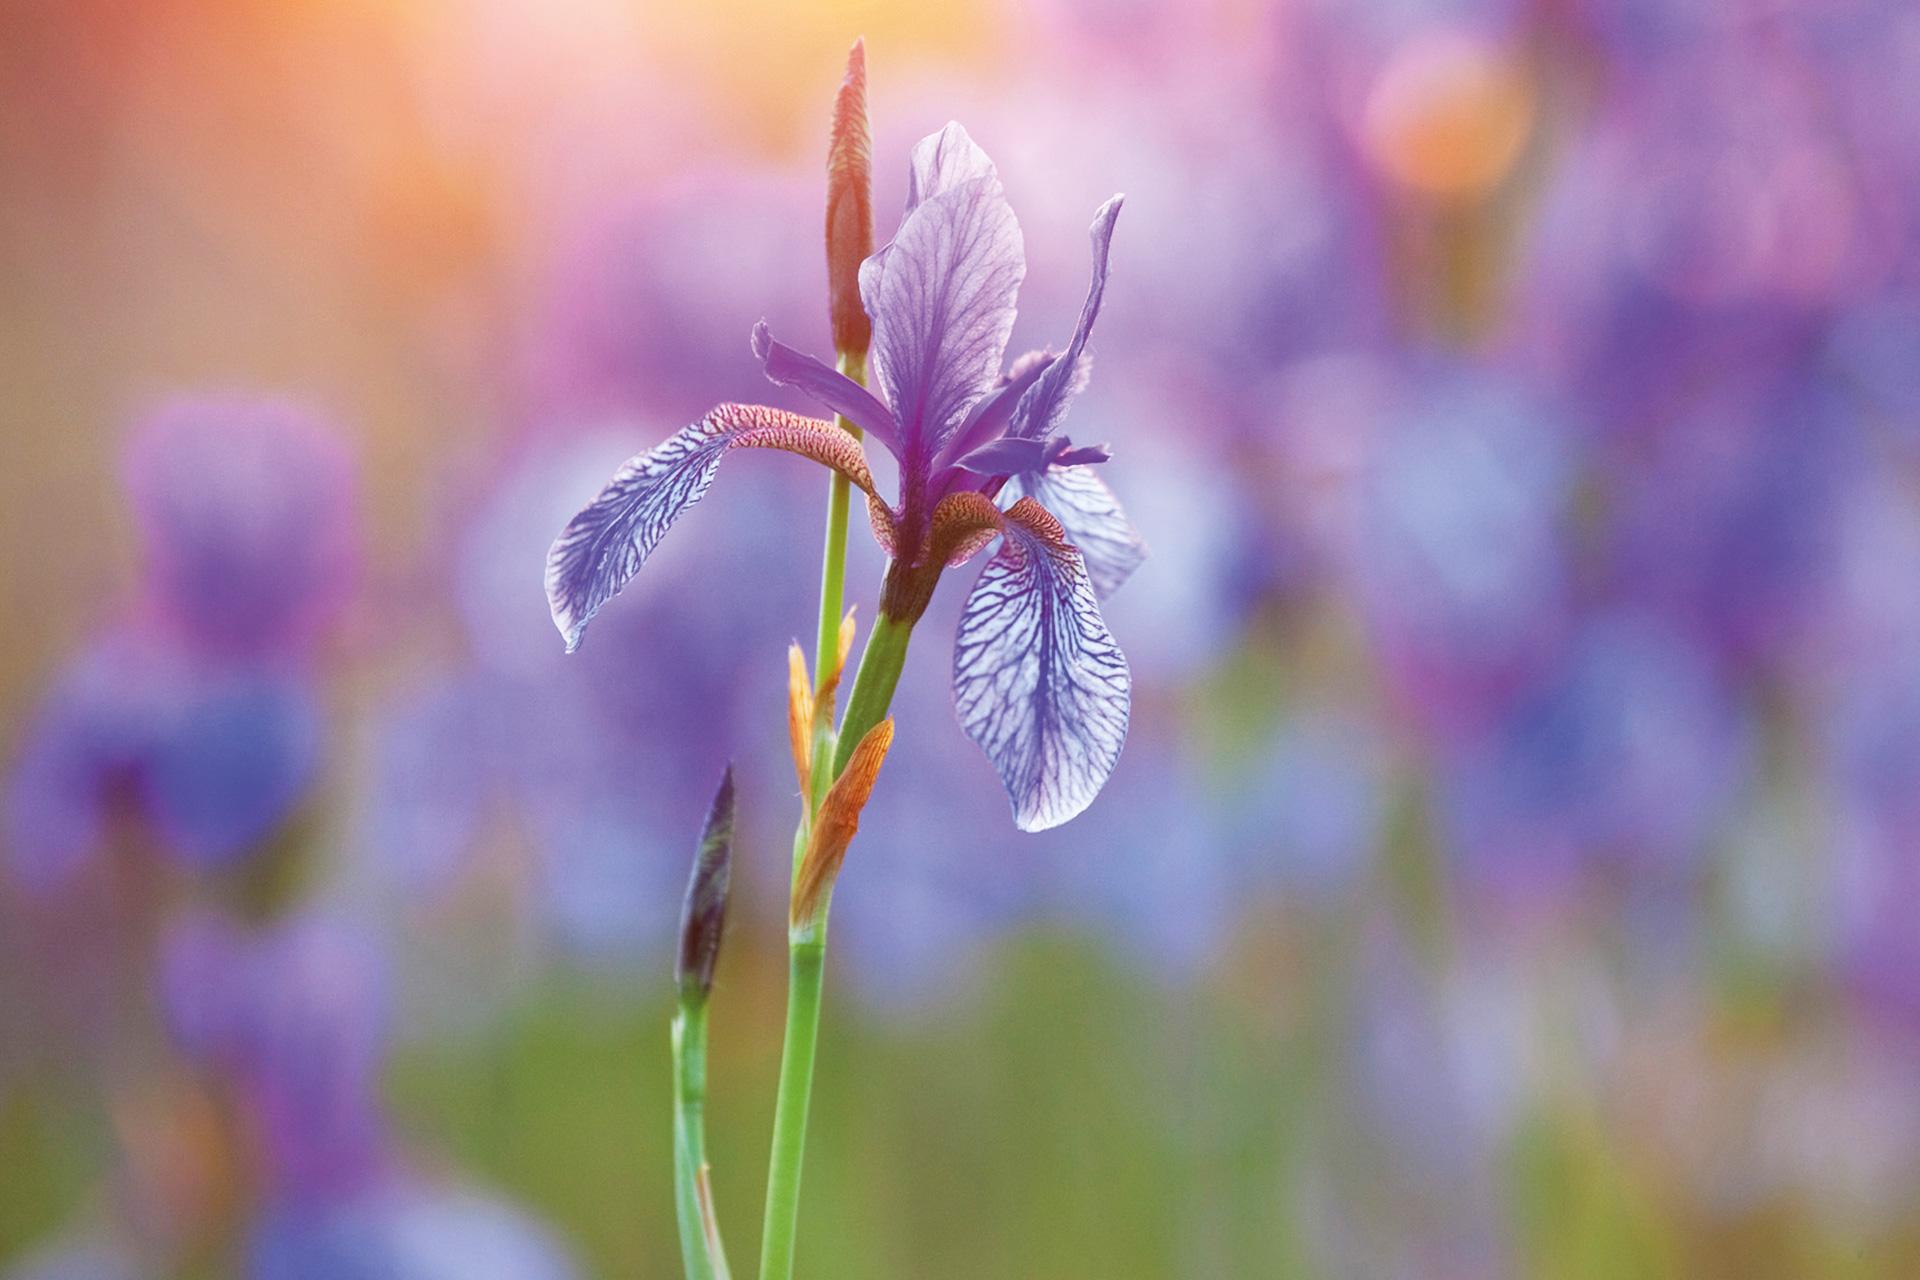 Nahaufnahme einer Schwertlilie: Schlanker grüner Stengel mit blau-lila Blüte.